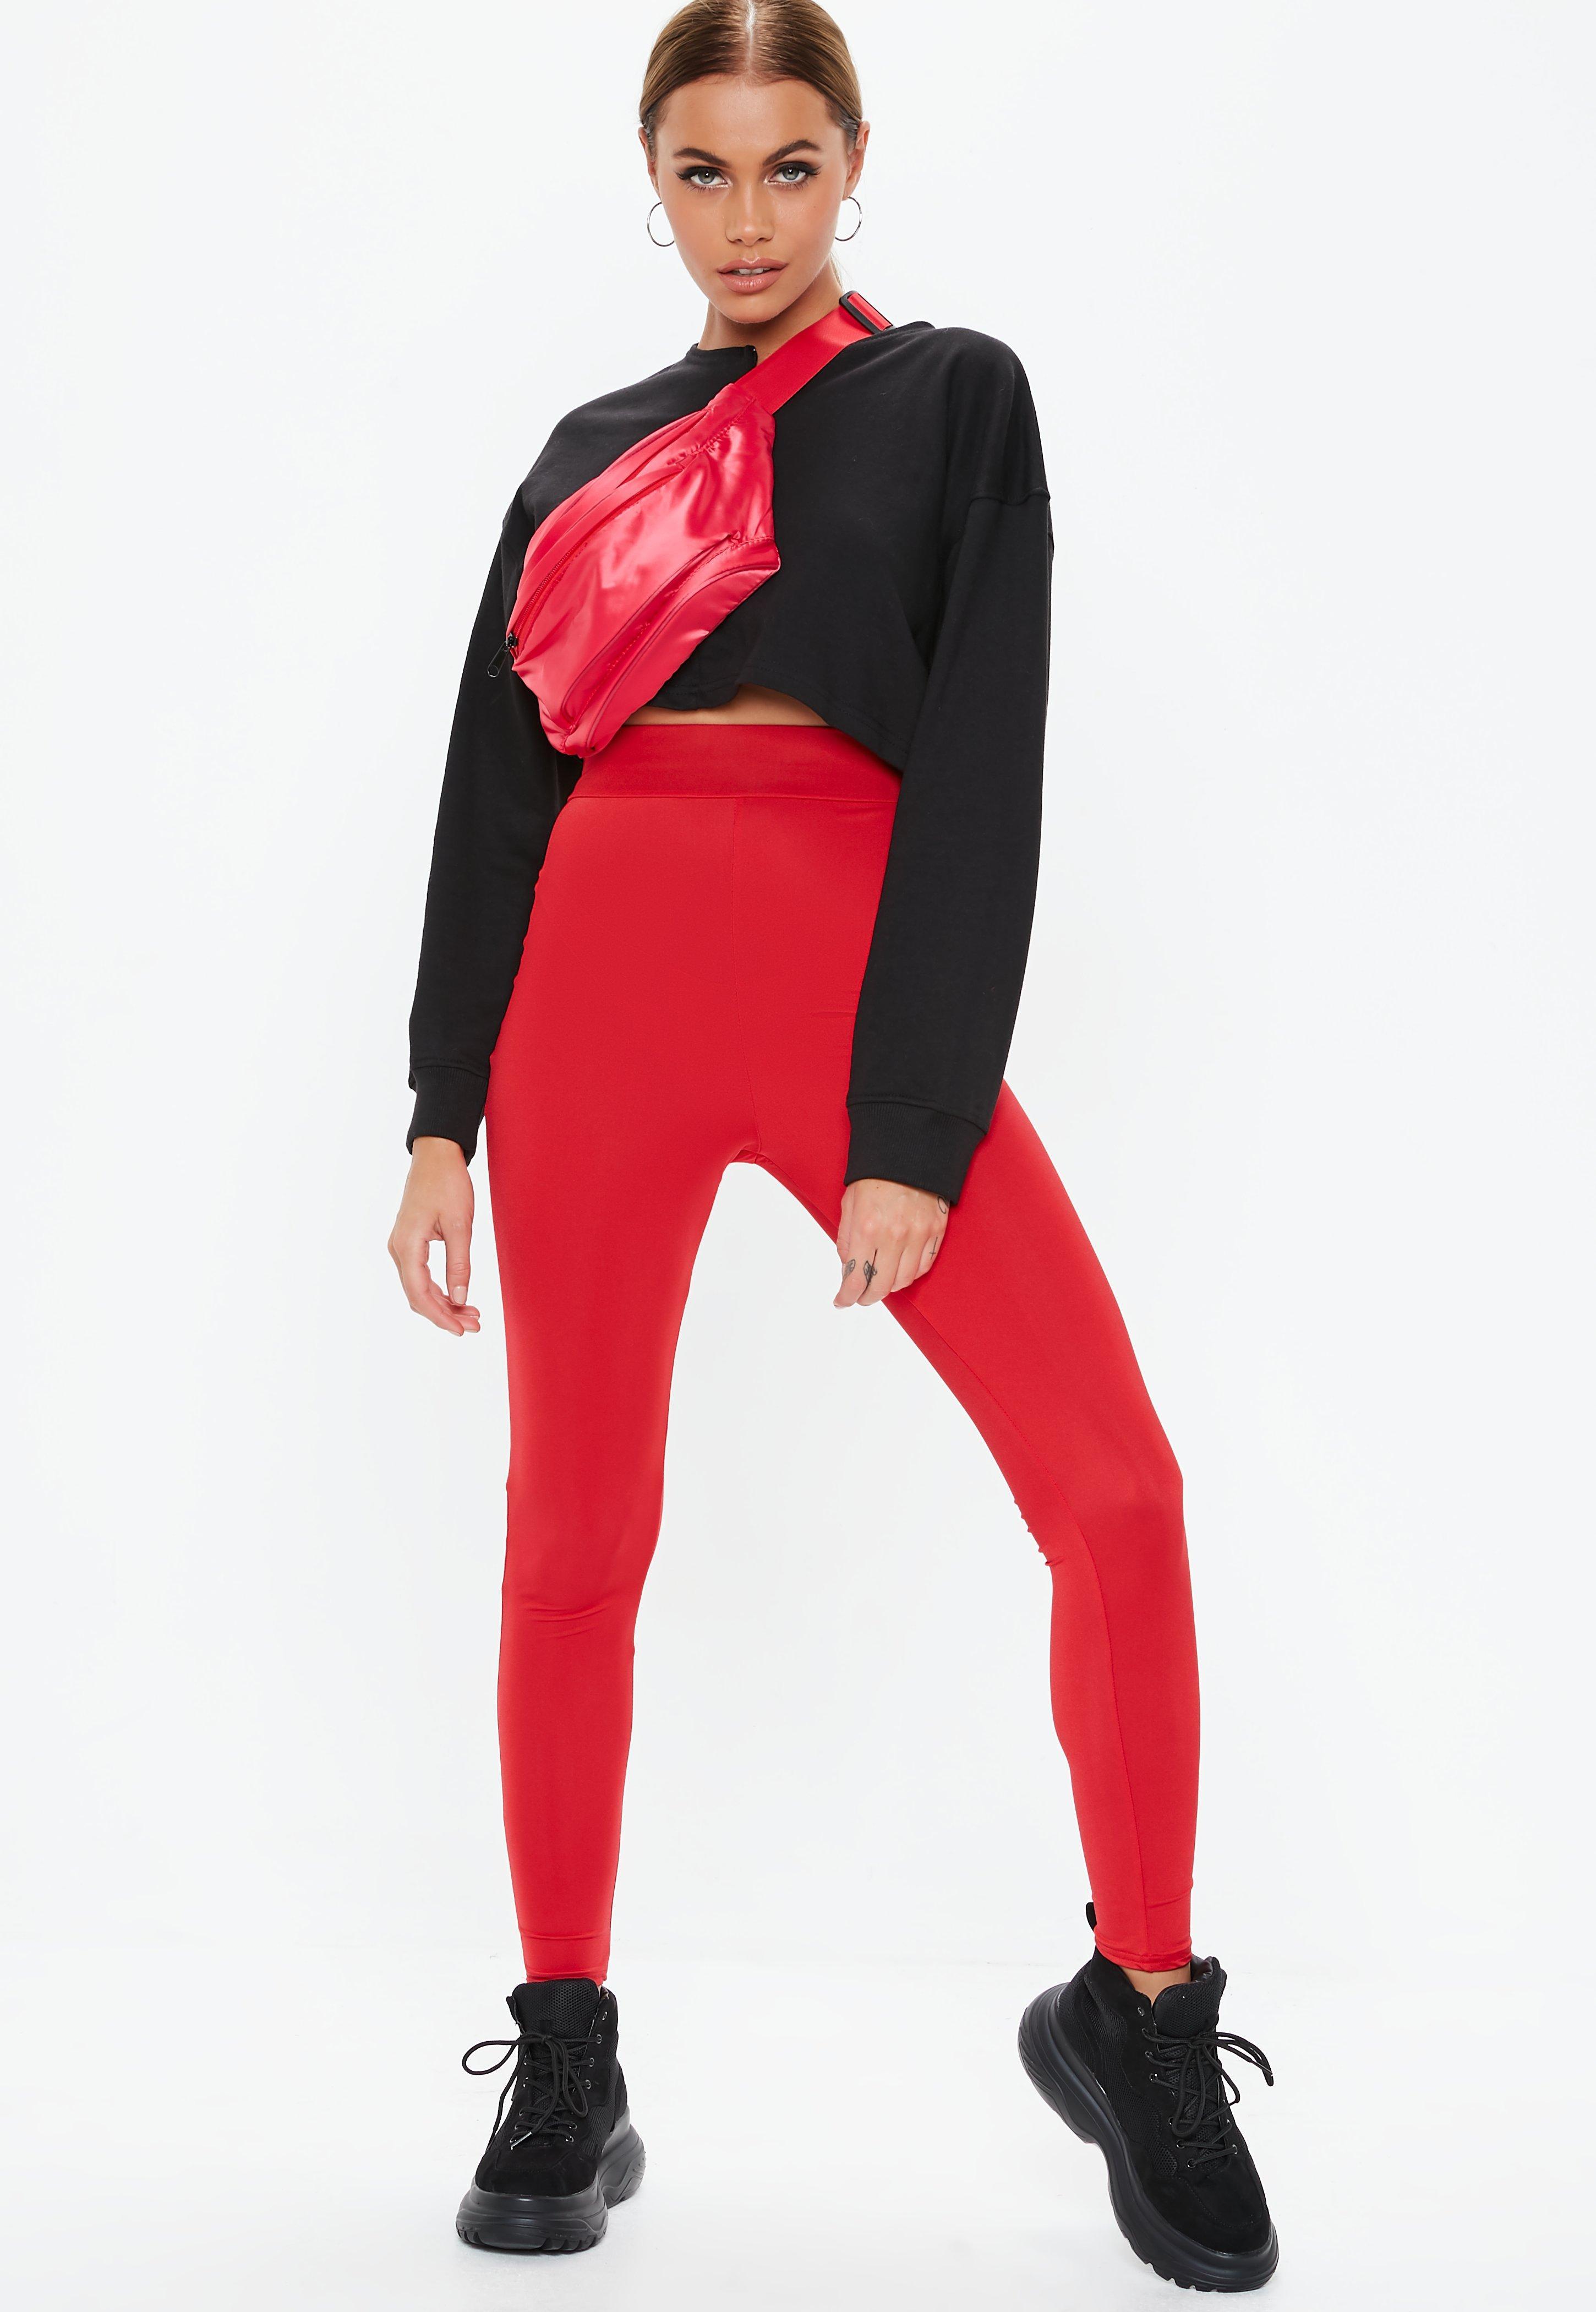 532f1c75b7aed6 Red Disco Leggings | Missguided Australia